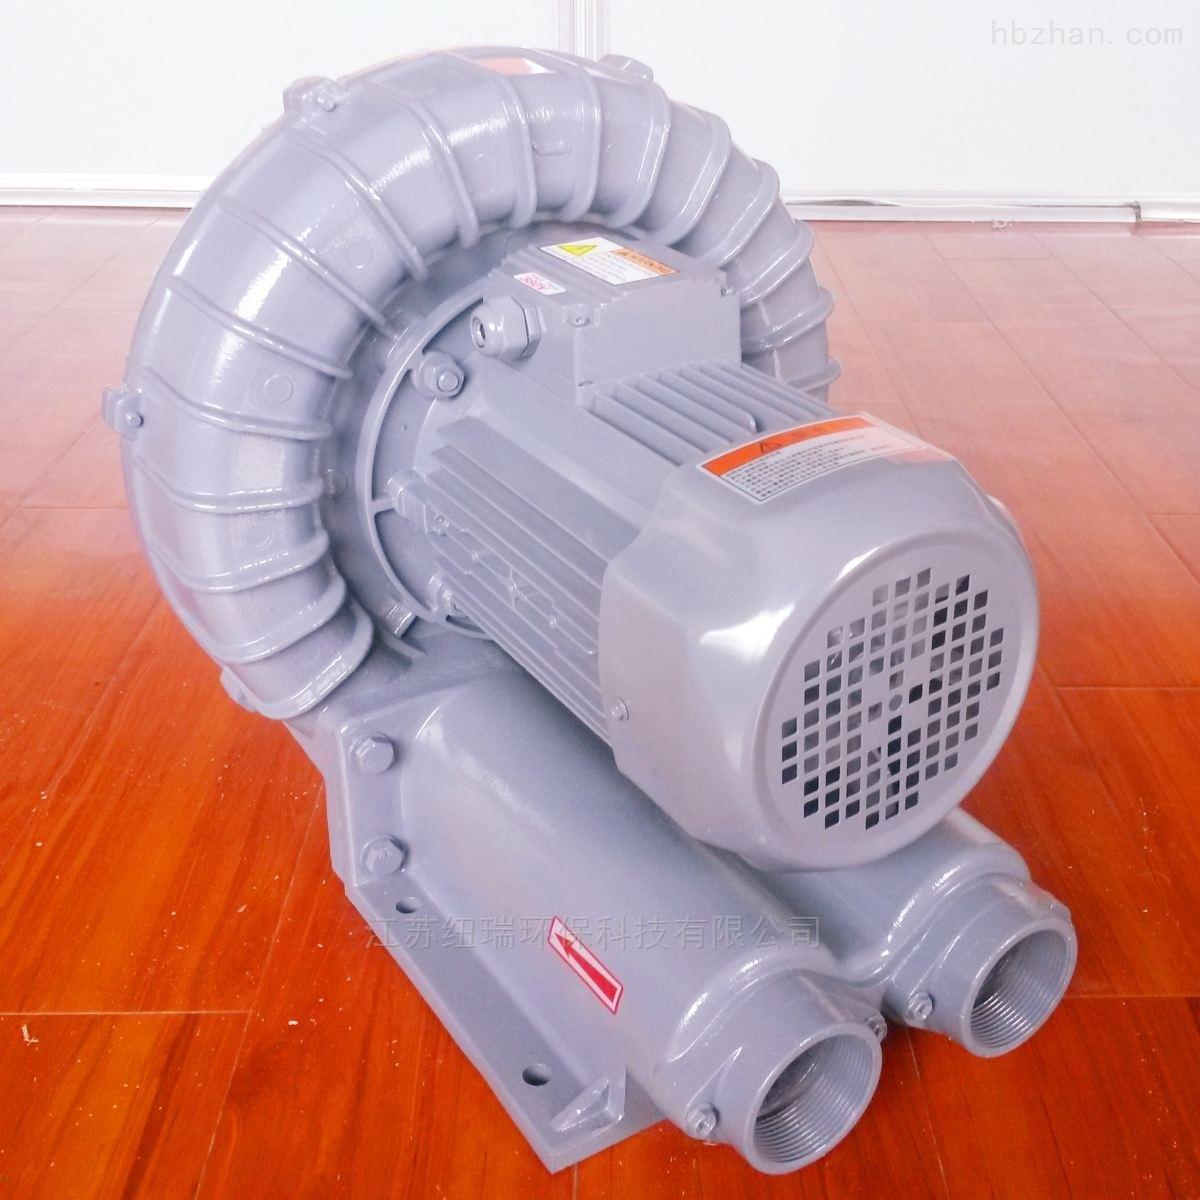 环形高压鼓风机/自动织袜机专用高压风机